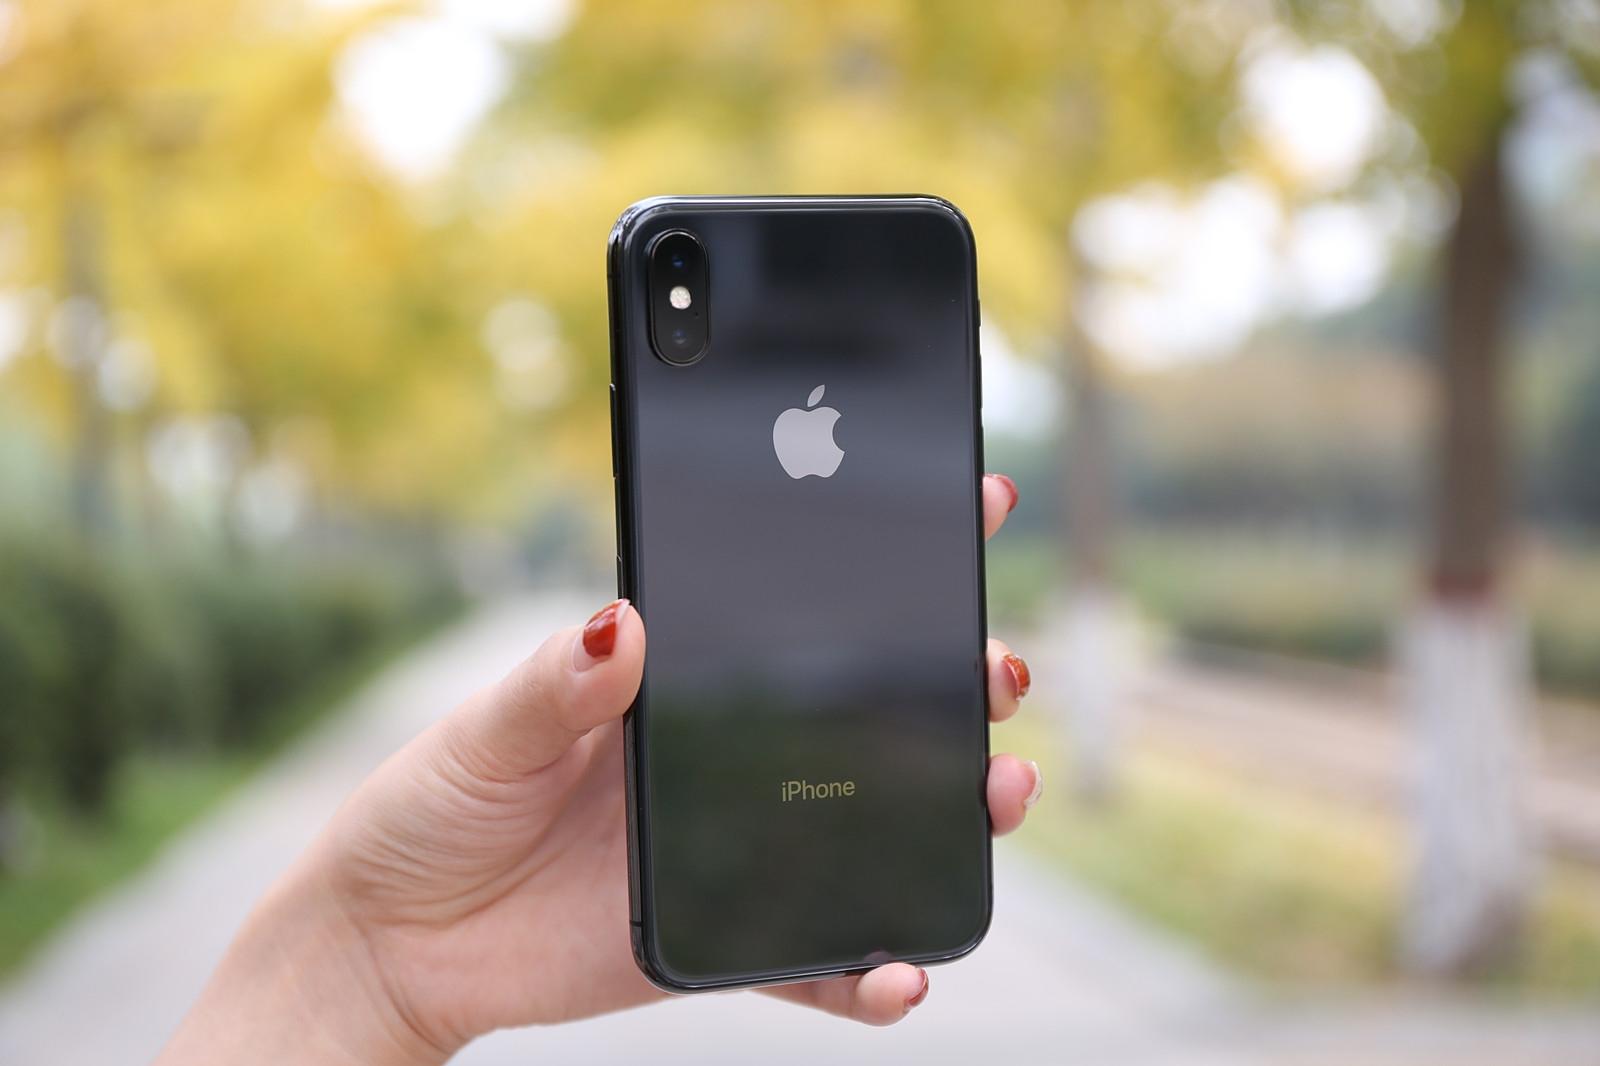 iPhone中国降价提升整体销量 苹果此举被指短期效应